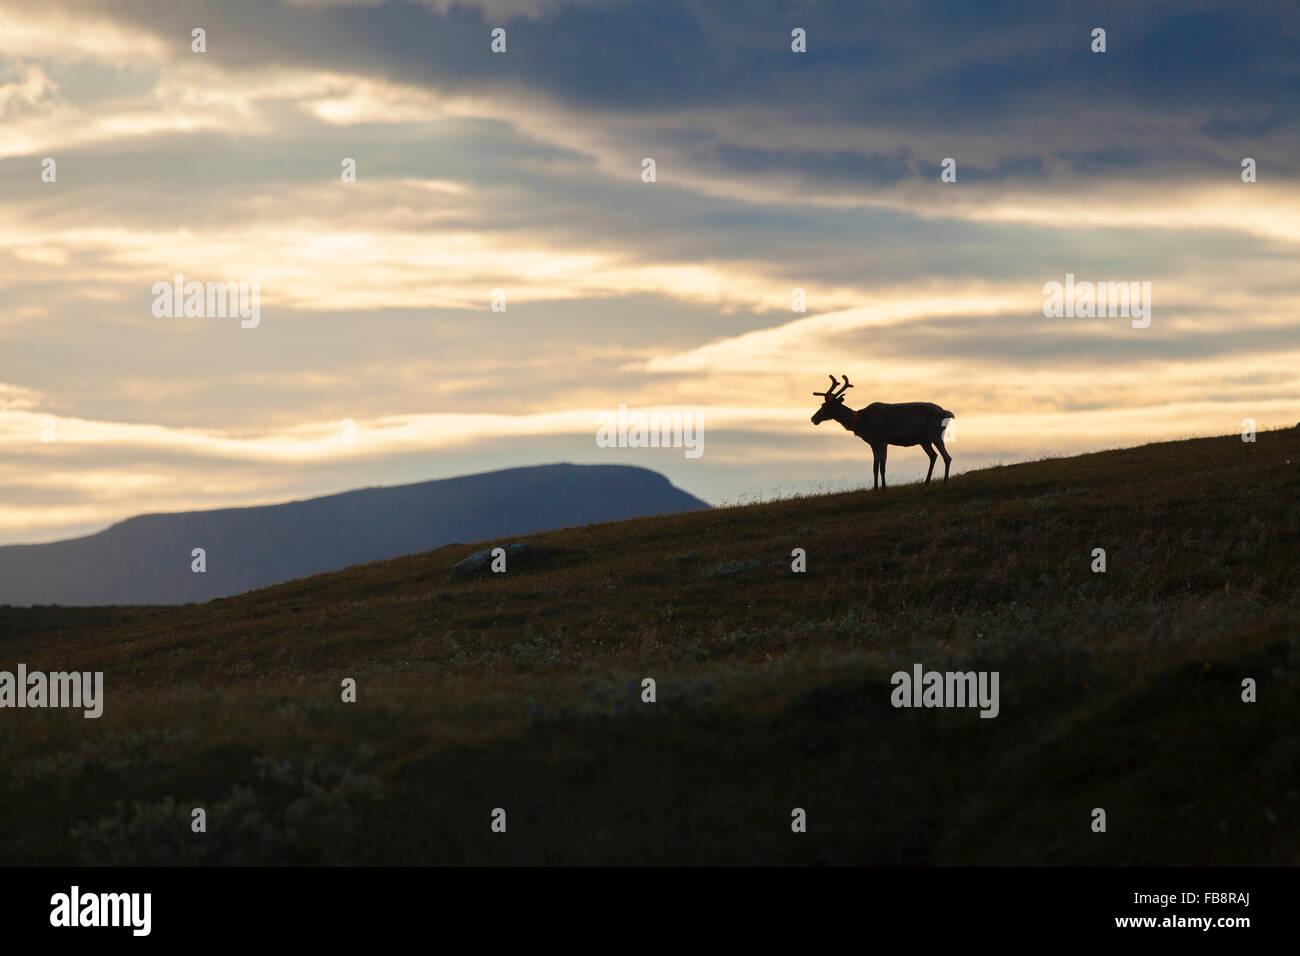 La Suède, Harjedalen, Helagsfjallet, renne au crépuscule Photo Stock